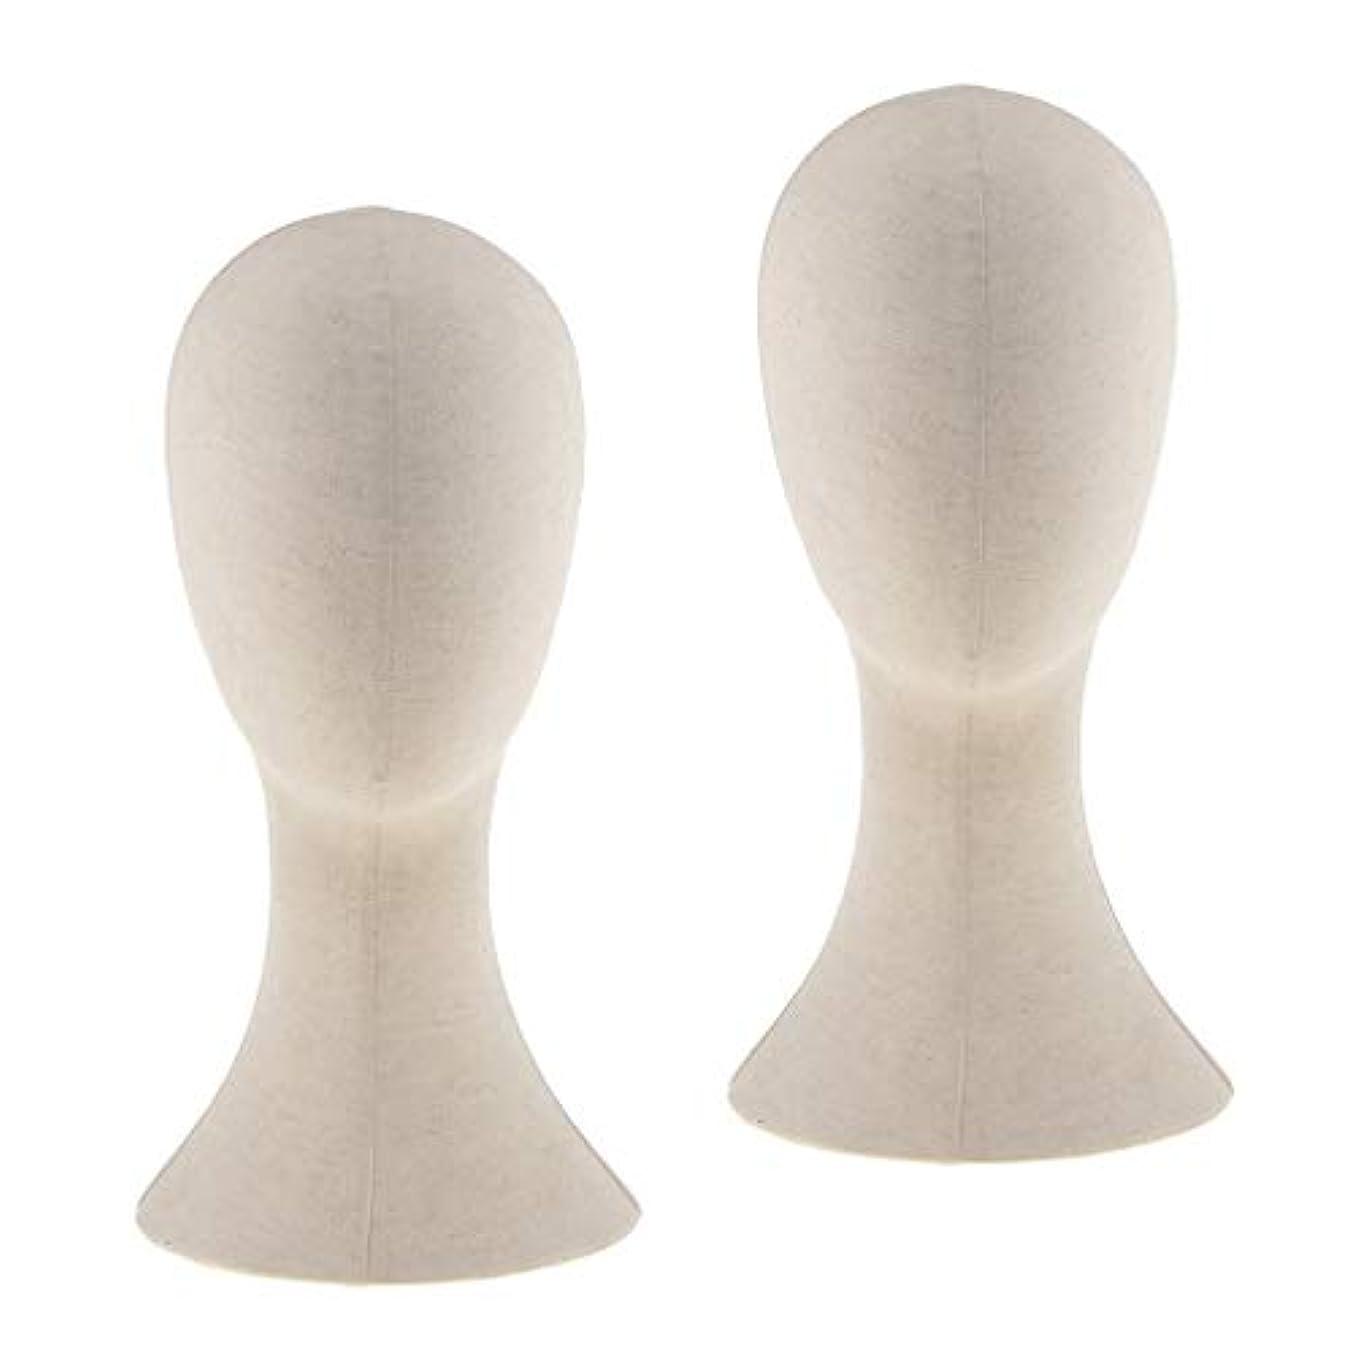 ビザ誕生日災害DYNWAVE マネキンヘッド ウィッグスタンド練習 頭部 女性ウィッグマネキン ディスプレイ 帽子スタンド 2個入り